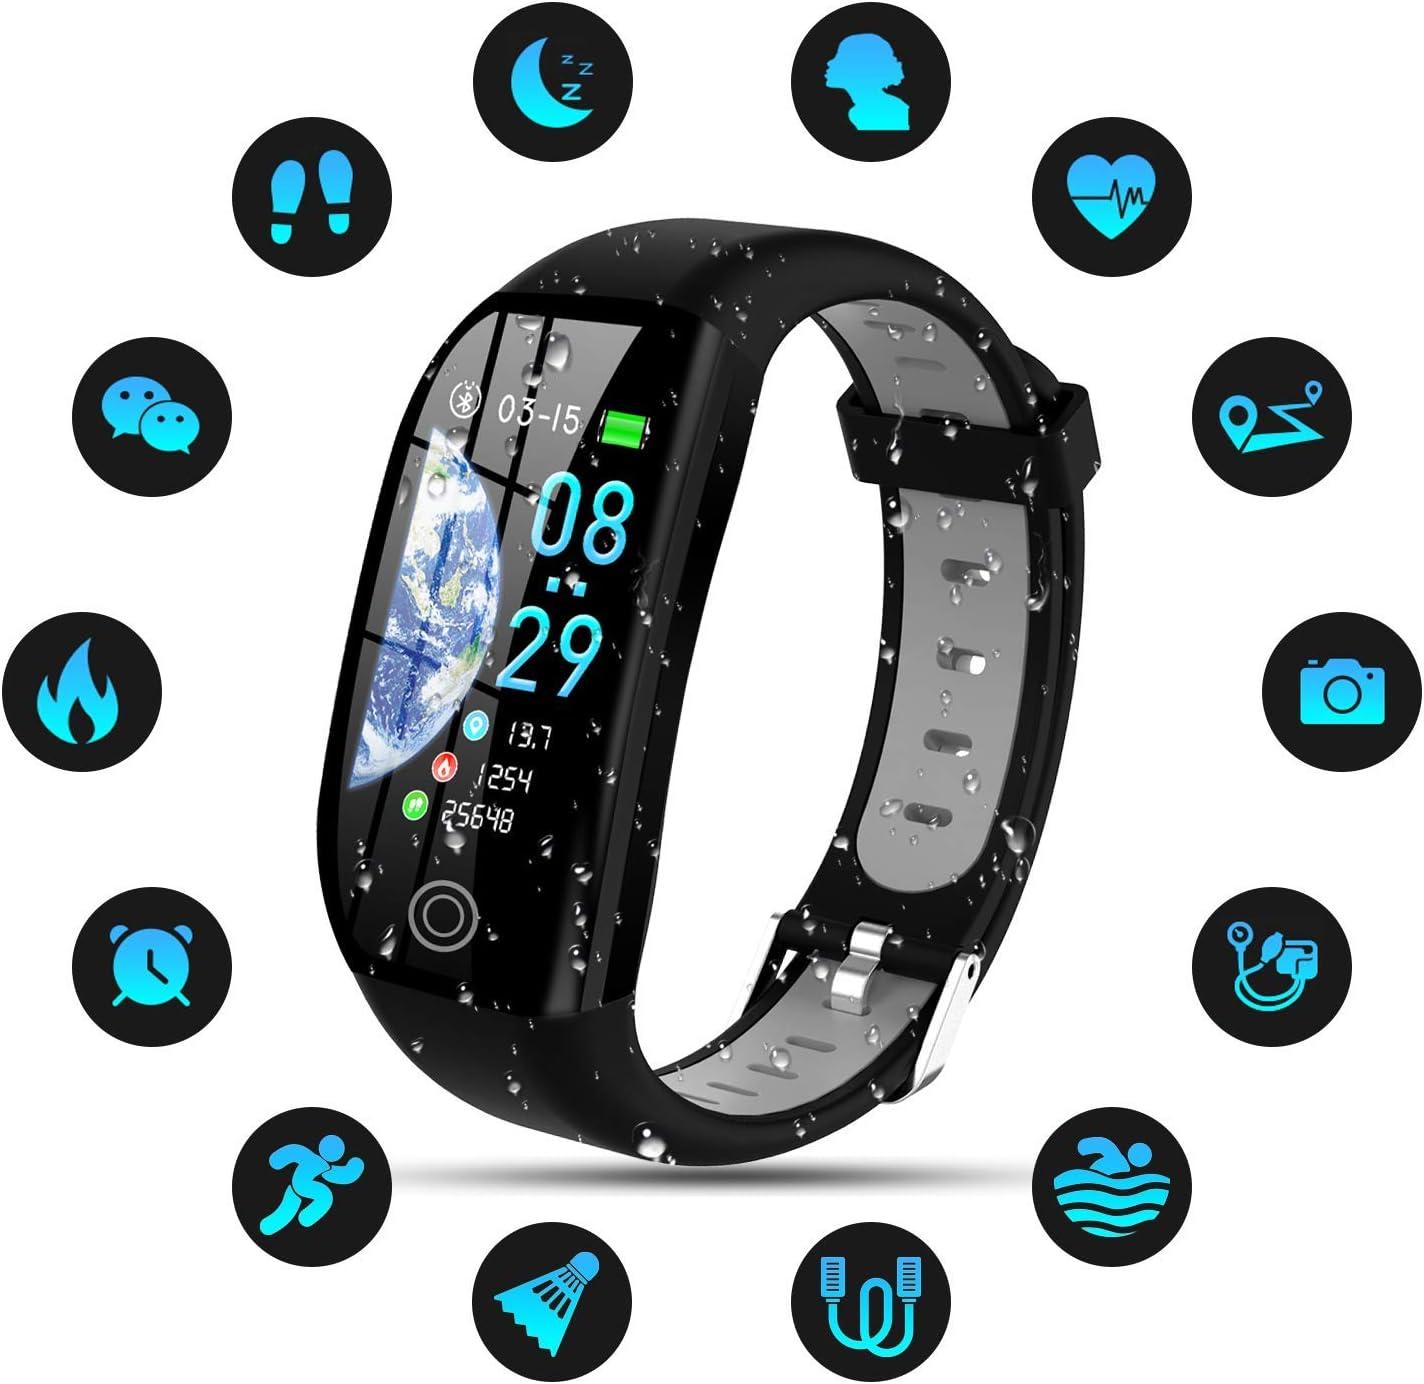 Tipmant Pulsera de Actividad, Reloj Inteligente Smartwatch Impermeable IP68 Pulsera Inteligentes con Pulsómetro Podómetro Calorías Pulsera Deporte para Android y iOS para Hombre Mujer Niños